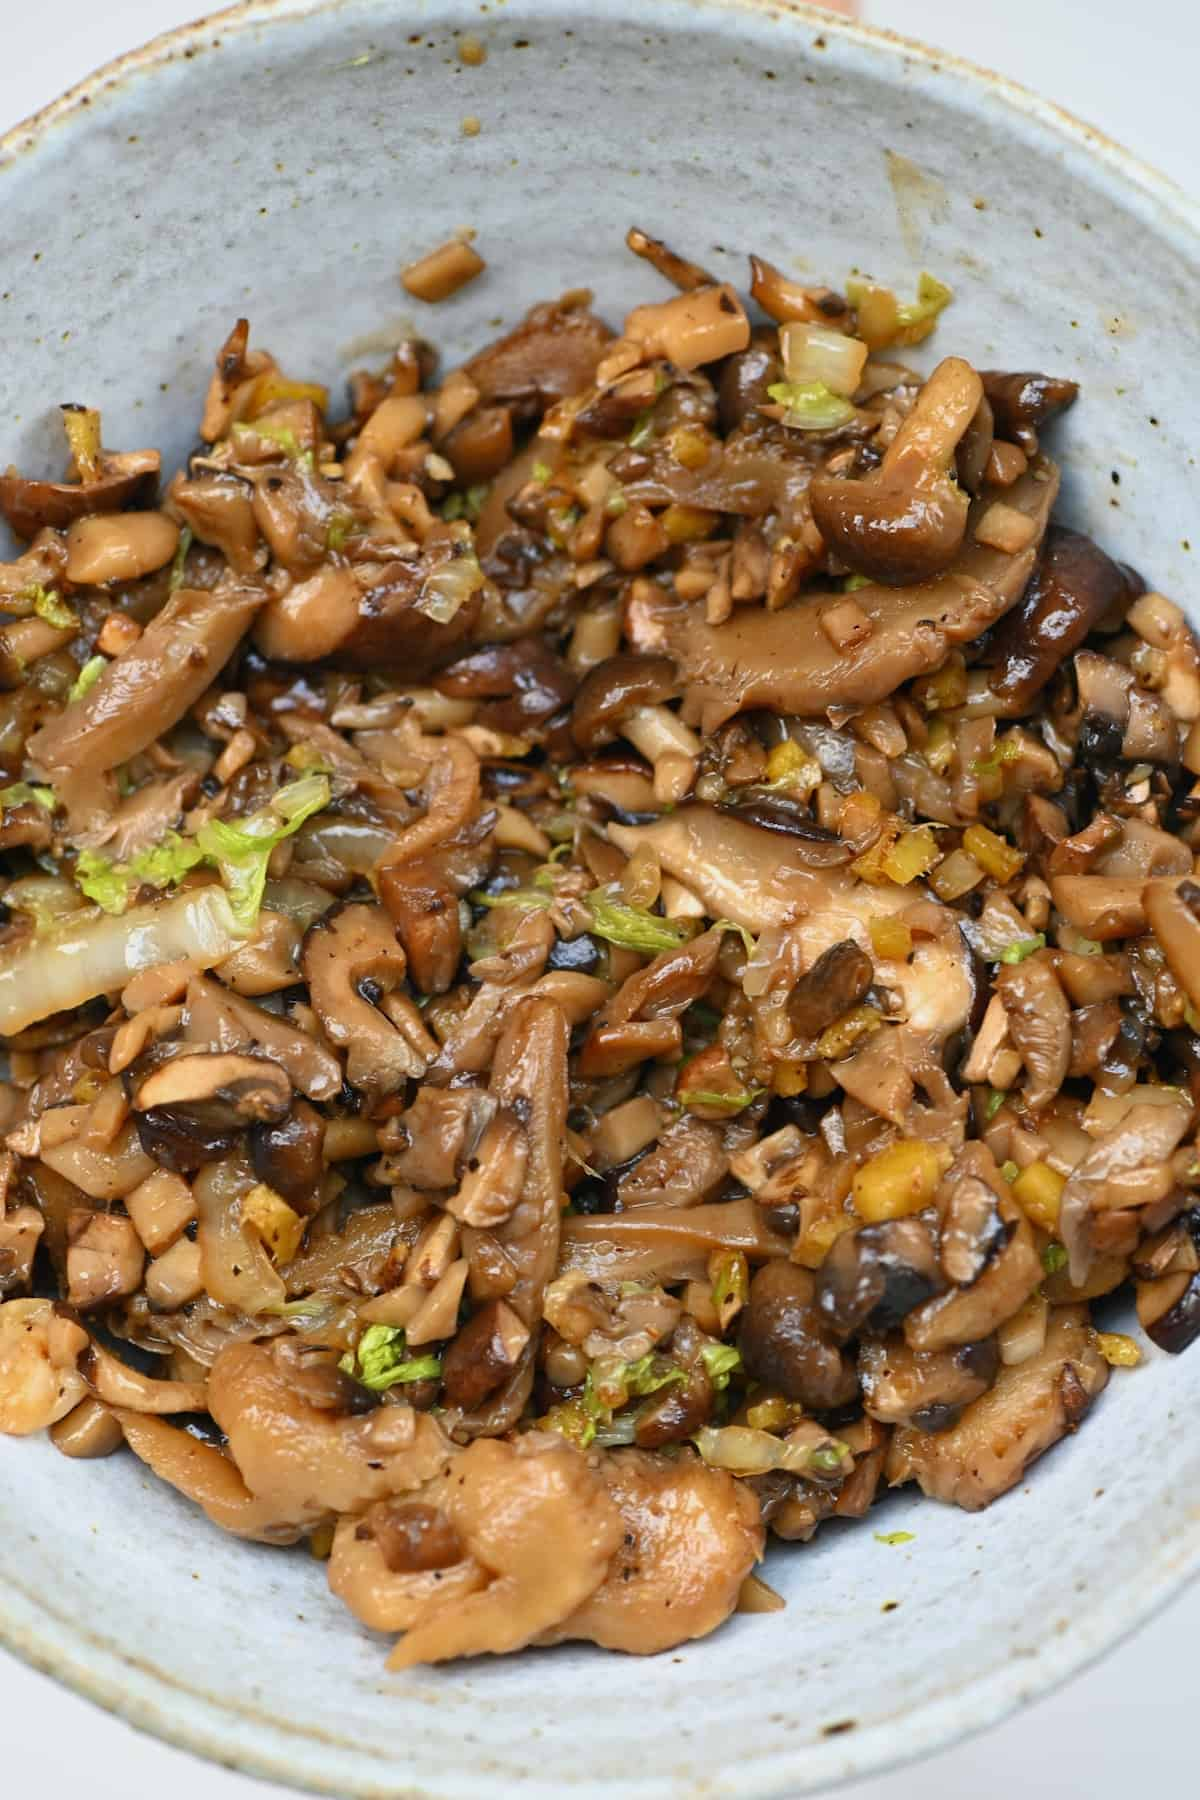 Mushroom filling in a bowl